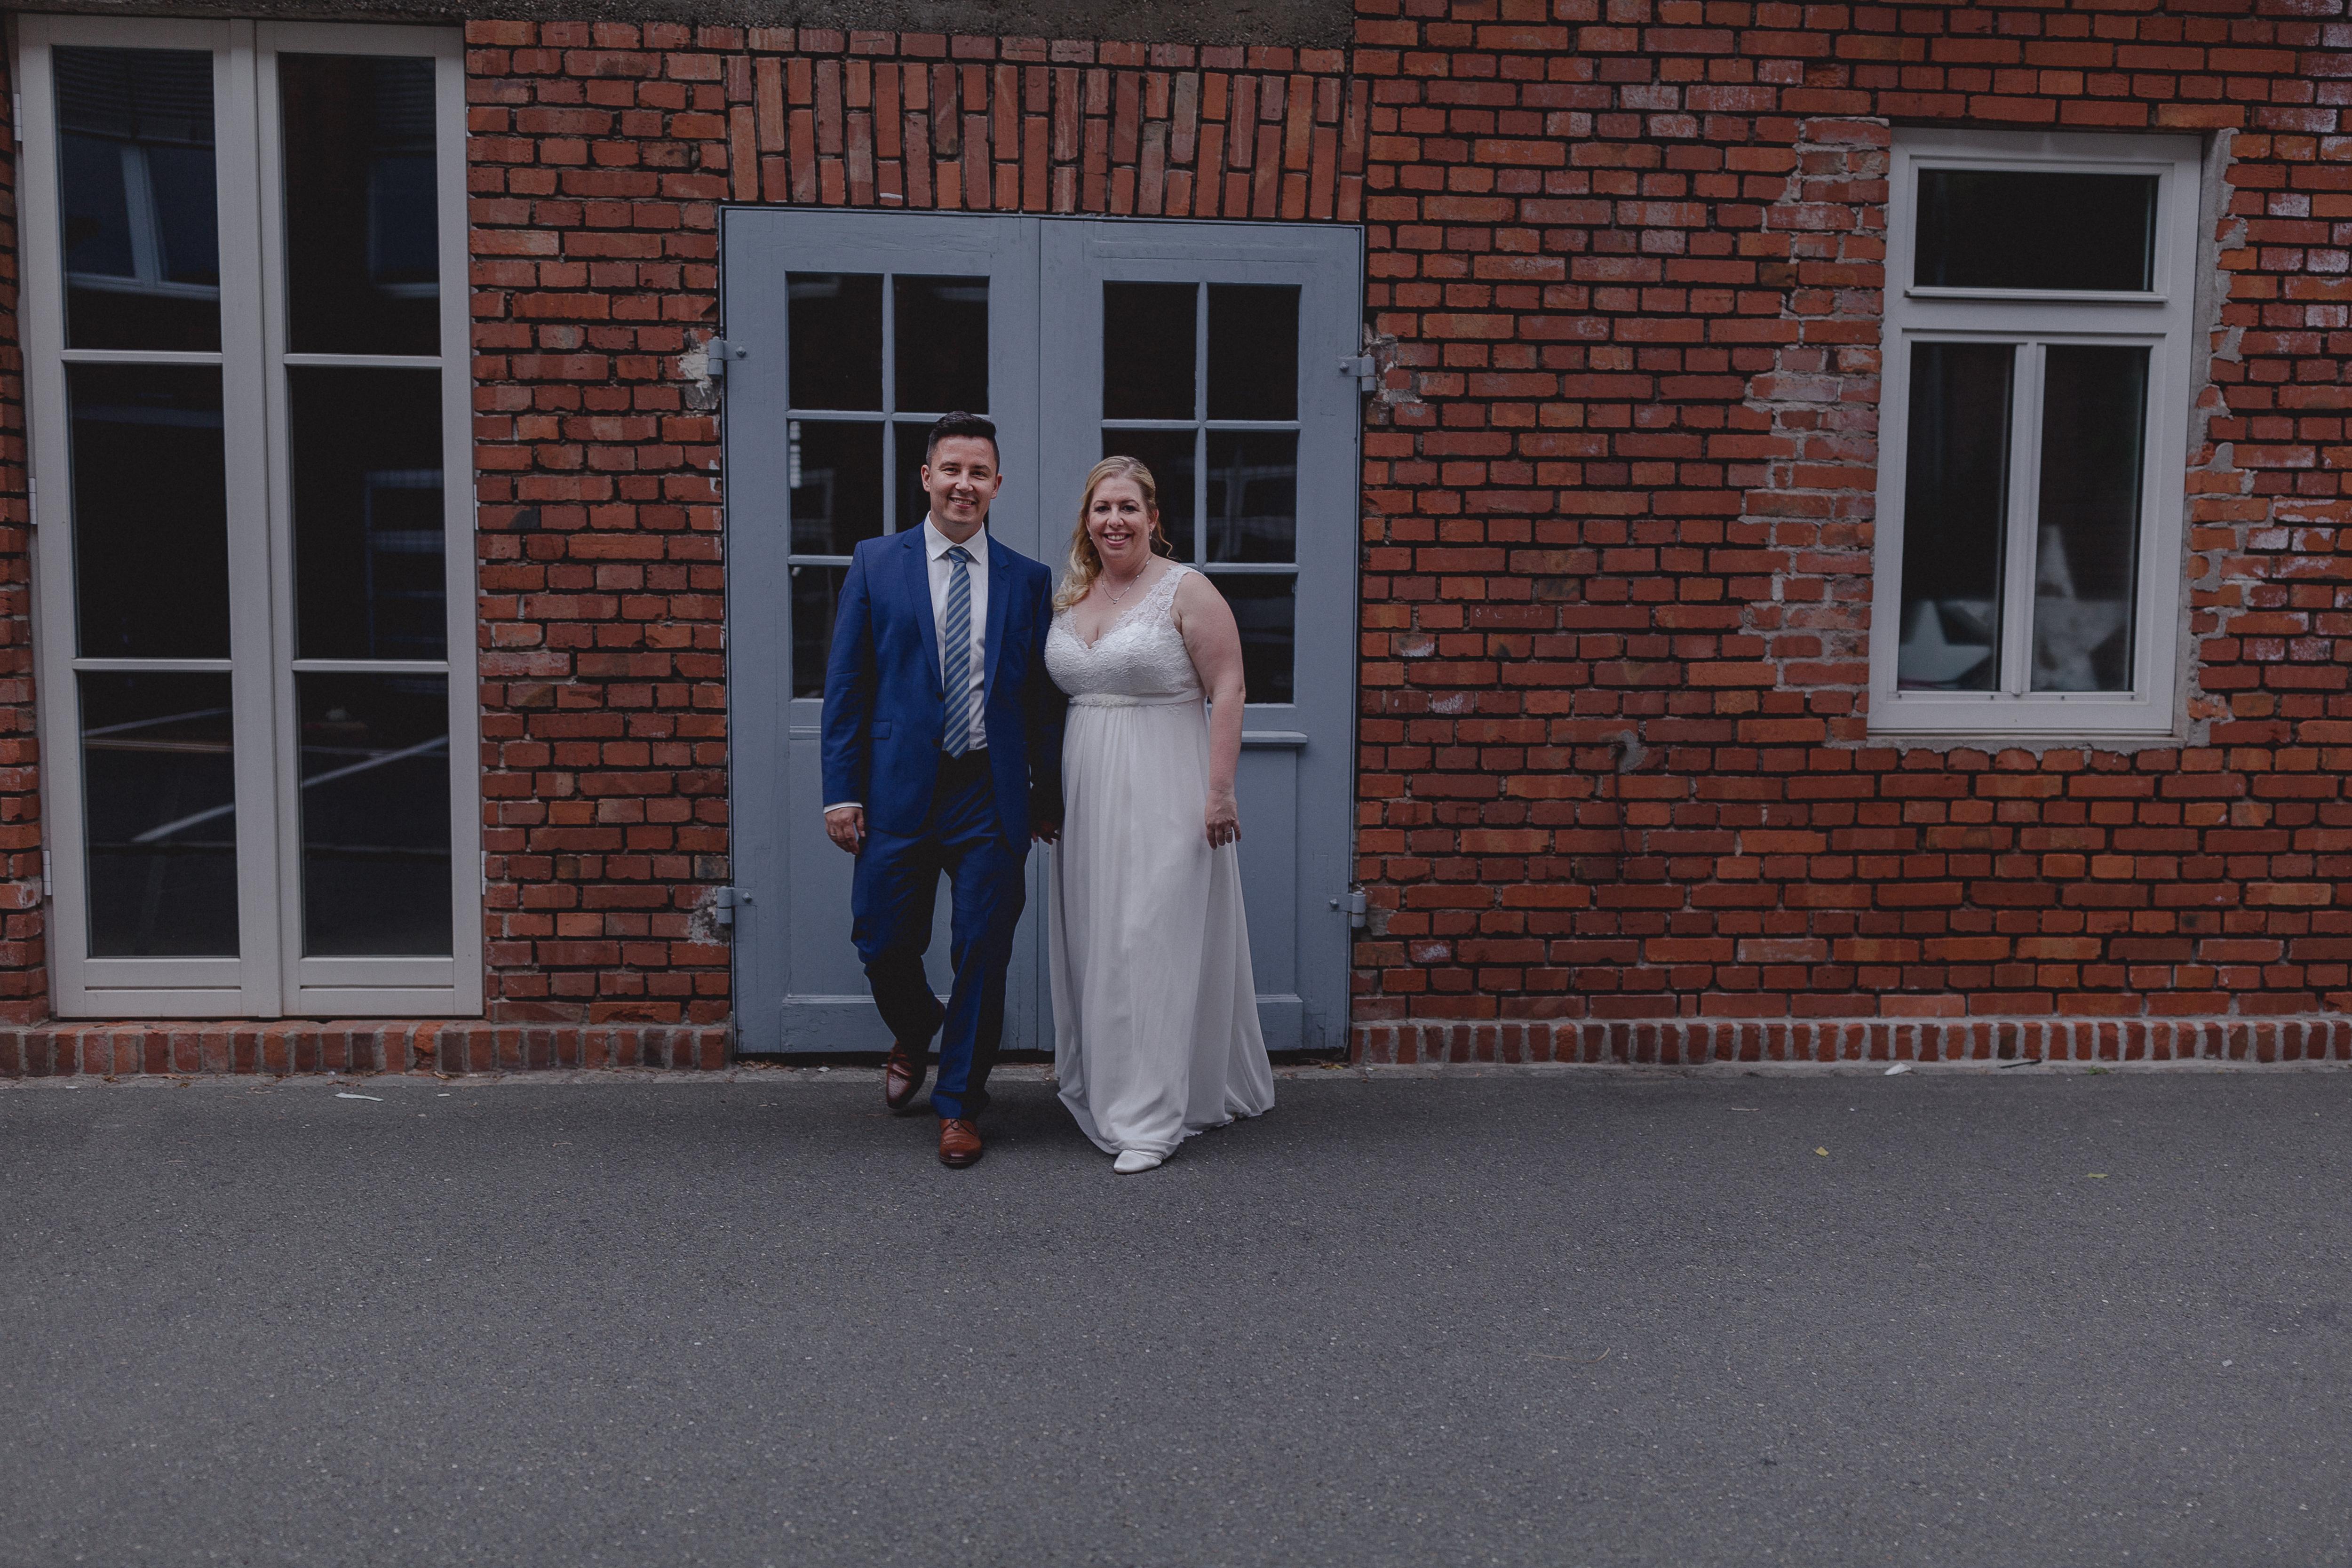 URBANERIE_Daniela_Goth_Vintage_Hochzeitsfotografin_Nuernberg_Fuerth_Erlangen_180609_1218